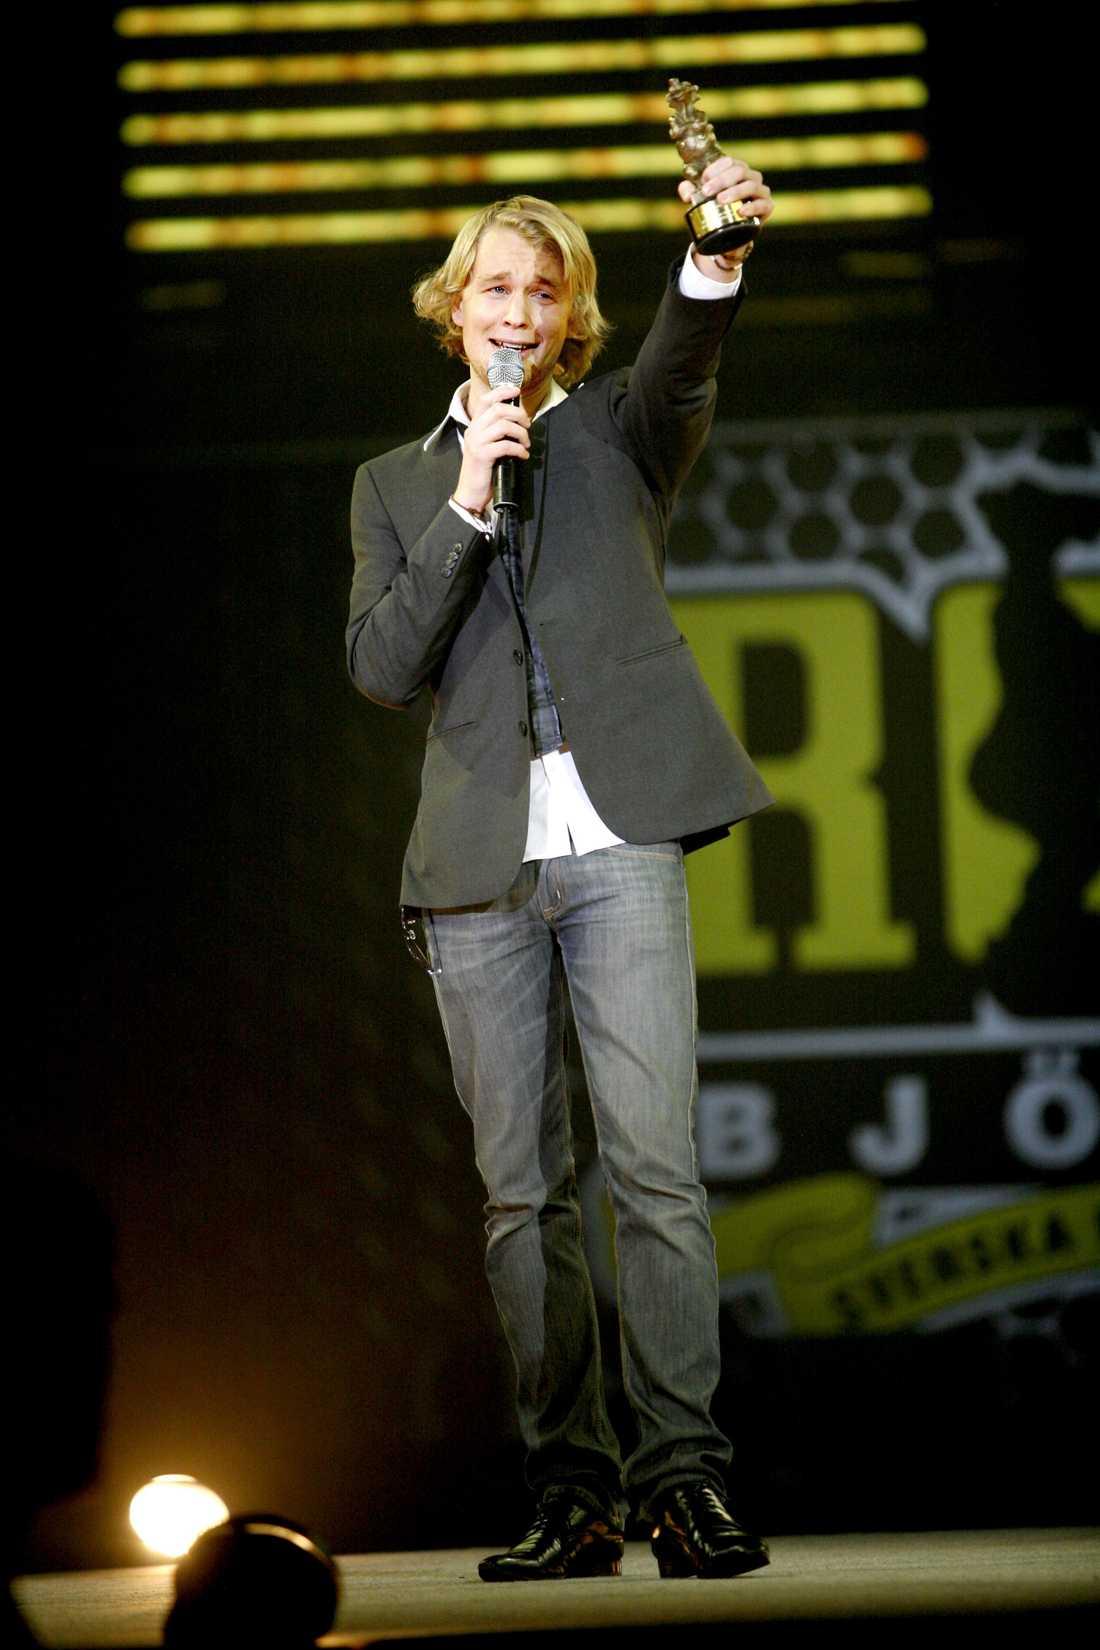 Blivande humorstjärna 2008 när Björn Gustafsson underhöll och gjorde succé på Rockbjörnengalan i Hovet var han fortfarande en nykomling.